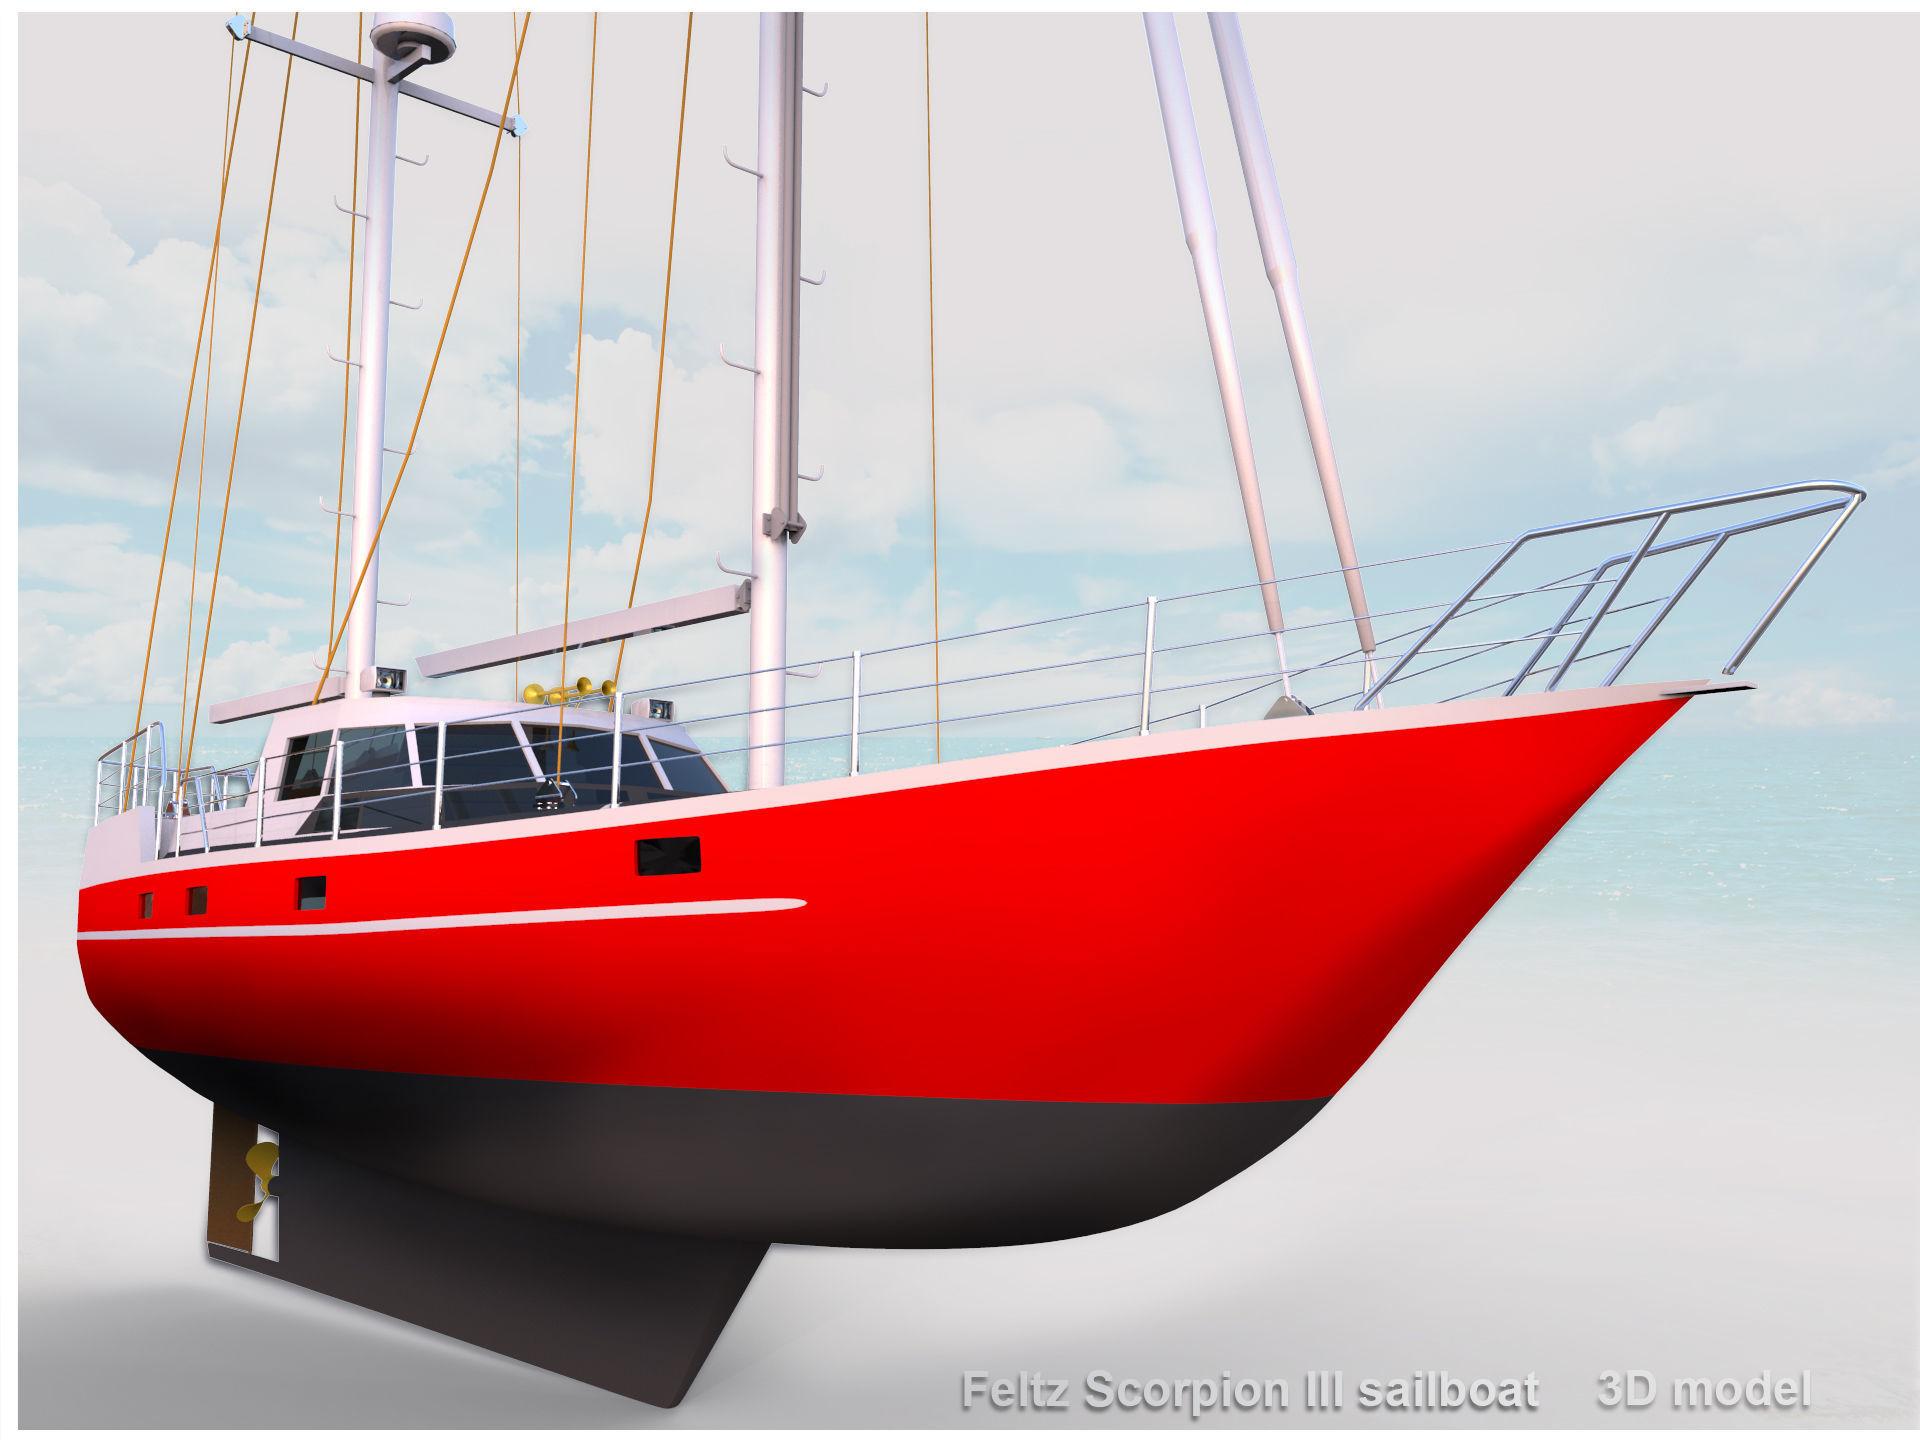 Feltz Scorpion III Sailboat